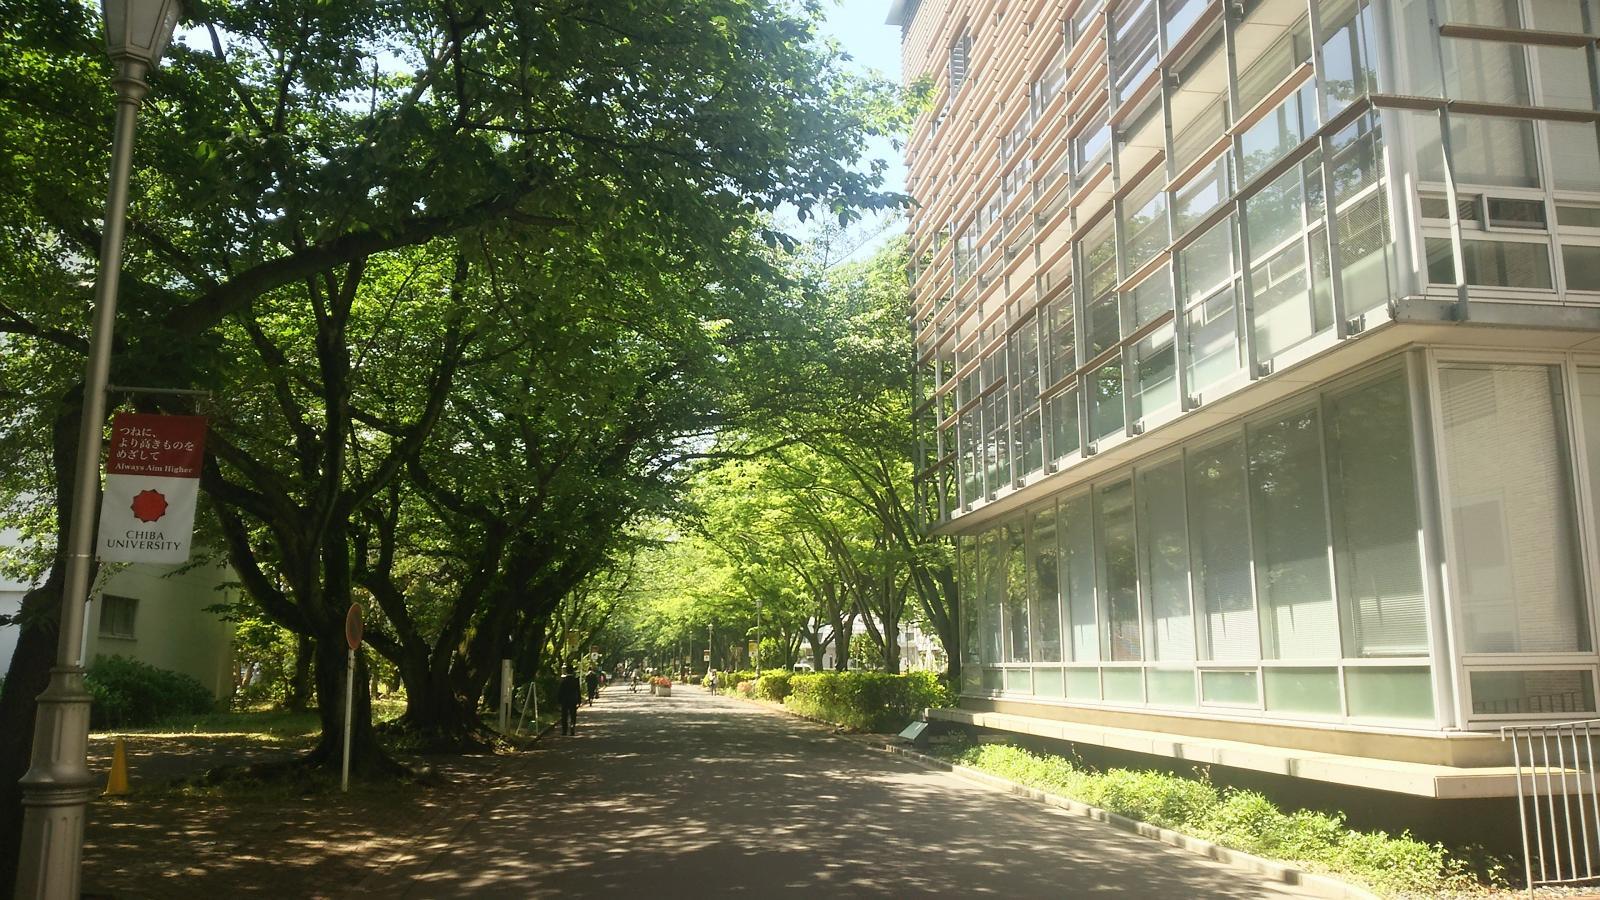 国立千葉大学西千葉キャンパス内の施設外観全景写真です。